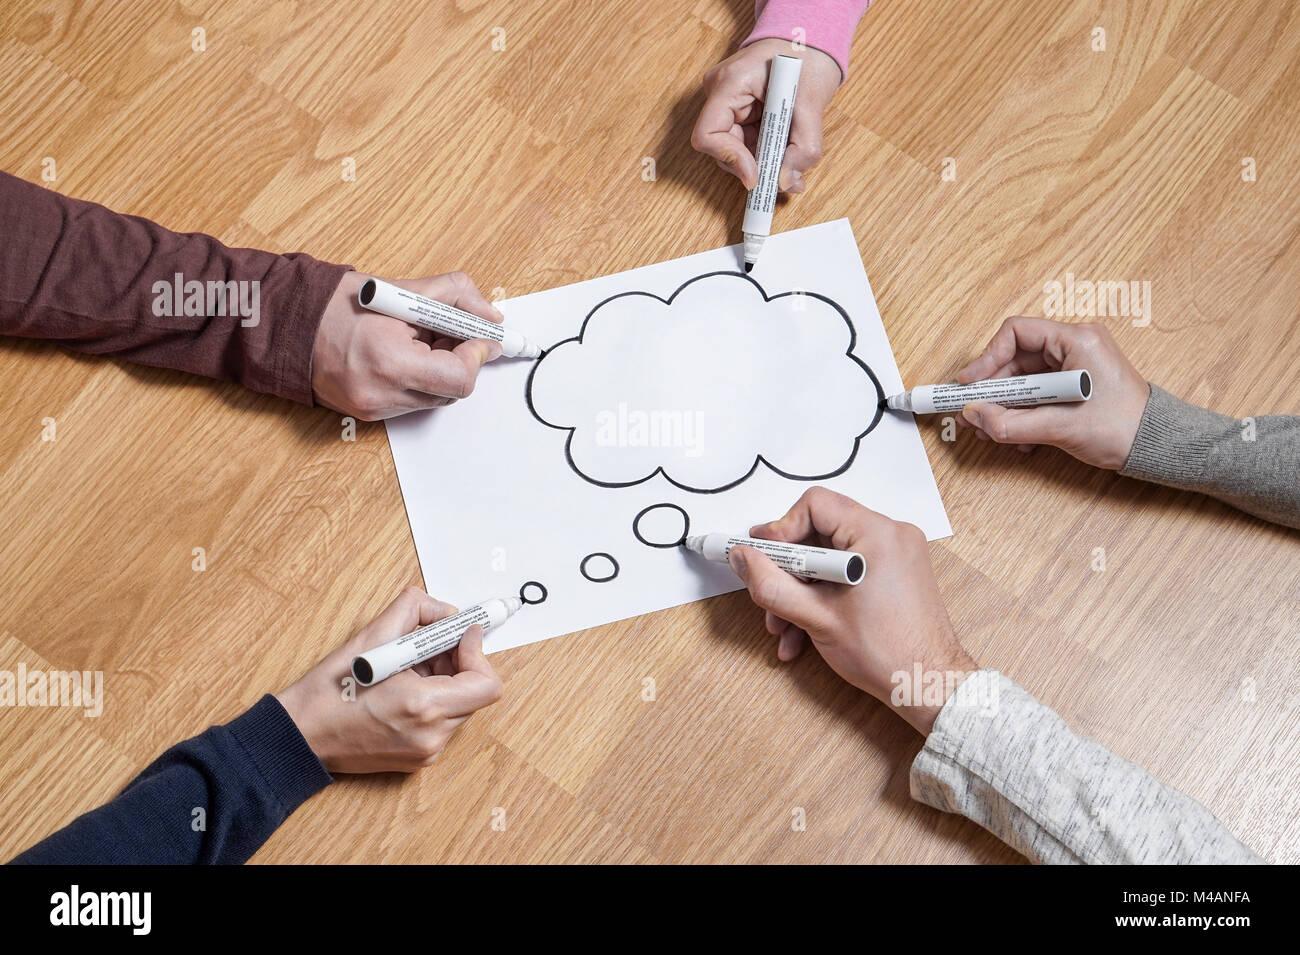 Discurso de burbuja de pensamiento y pensamiento globo cloud. Lluvia de ideas nuevas juntas de comercialización Imagen De Stock